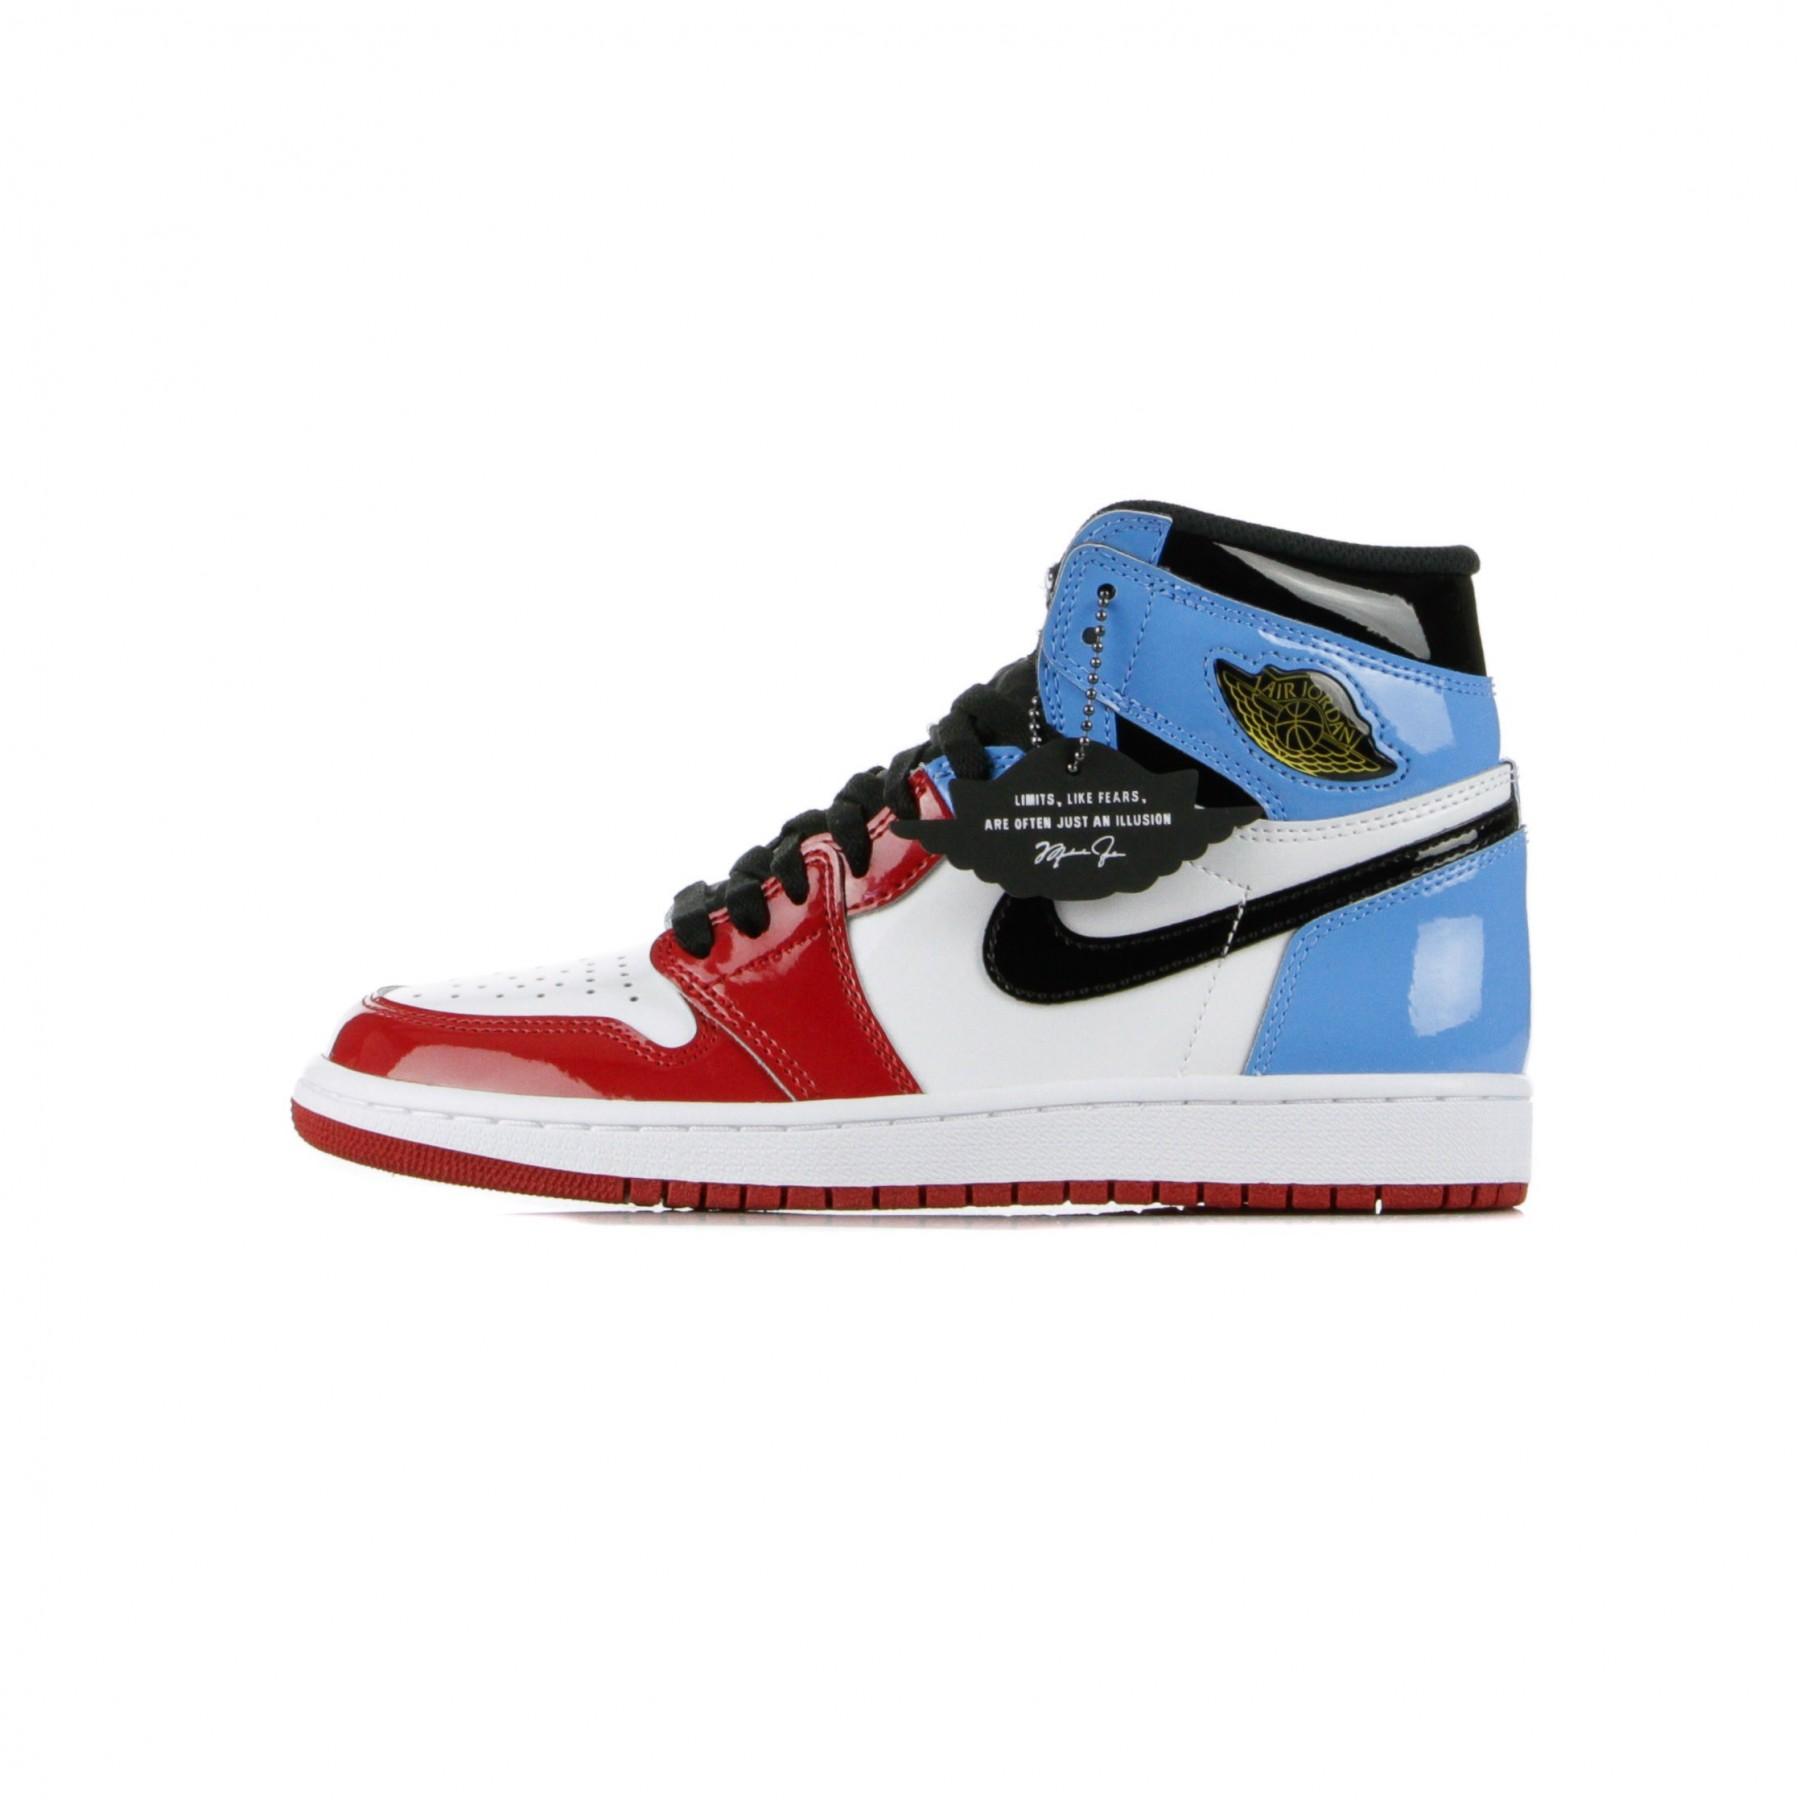 air jordan 1 high red white blue